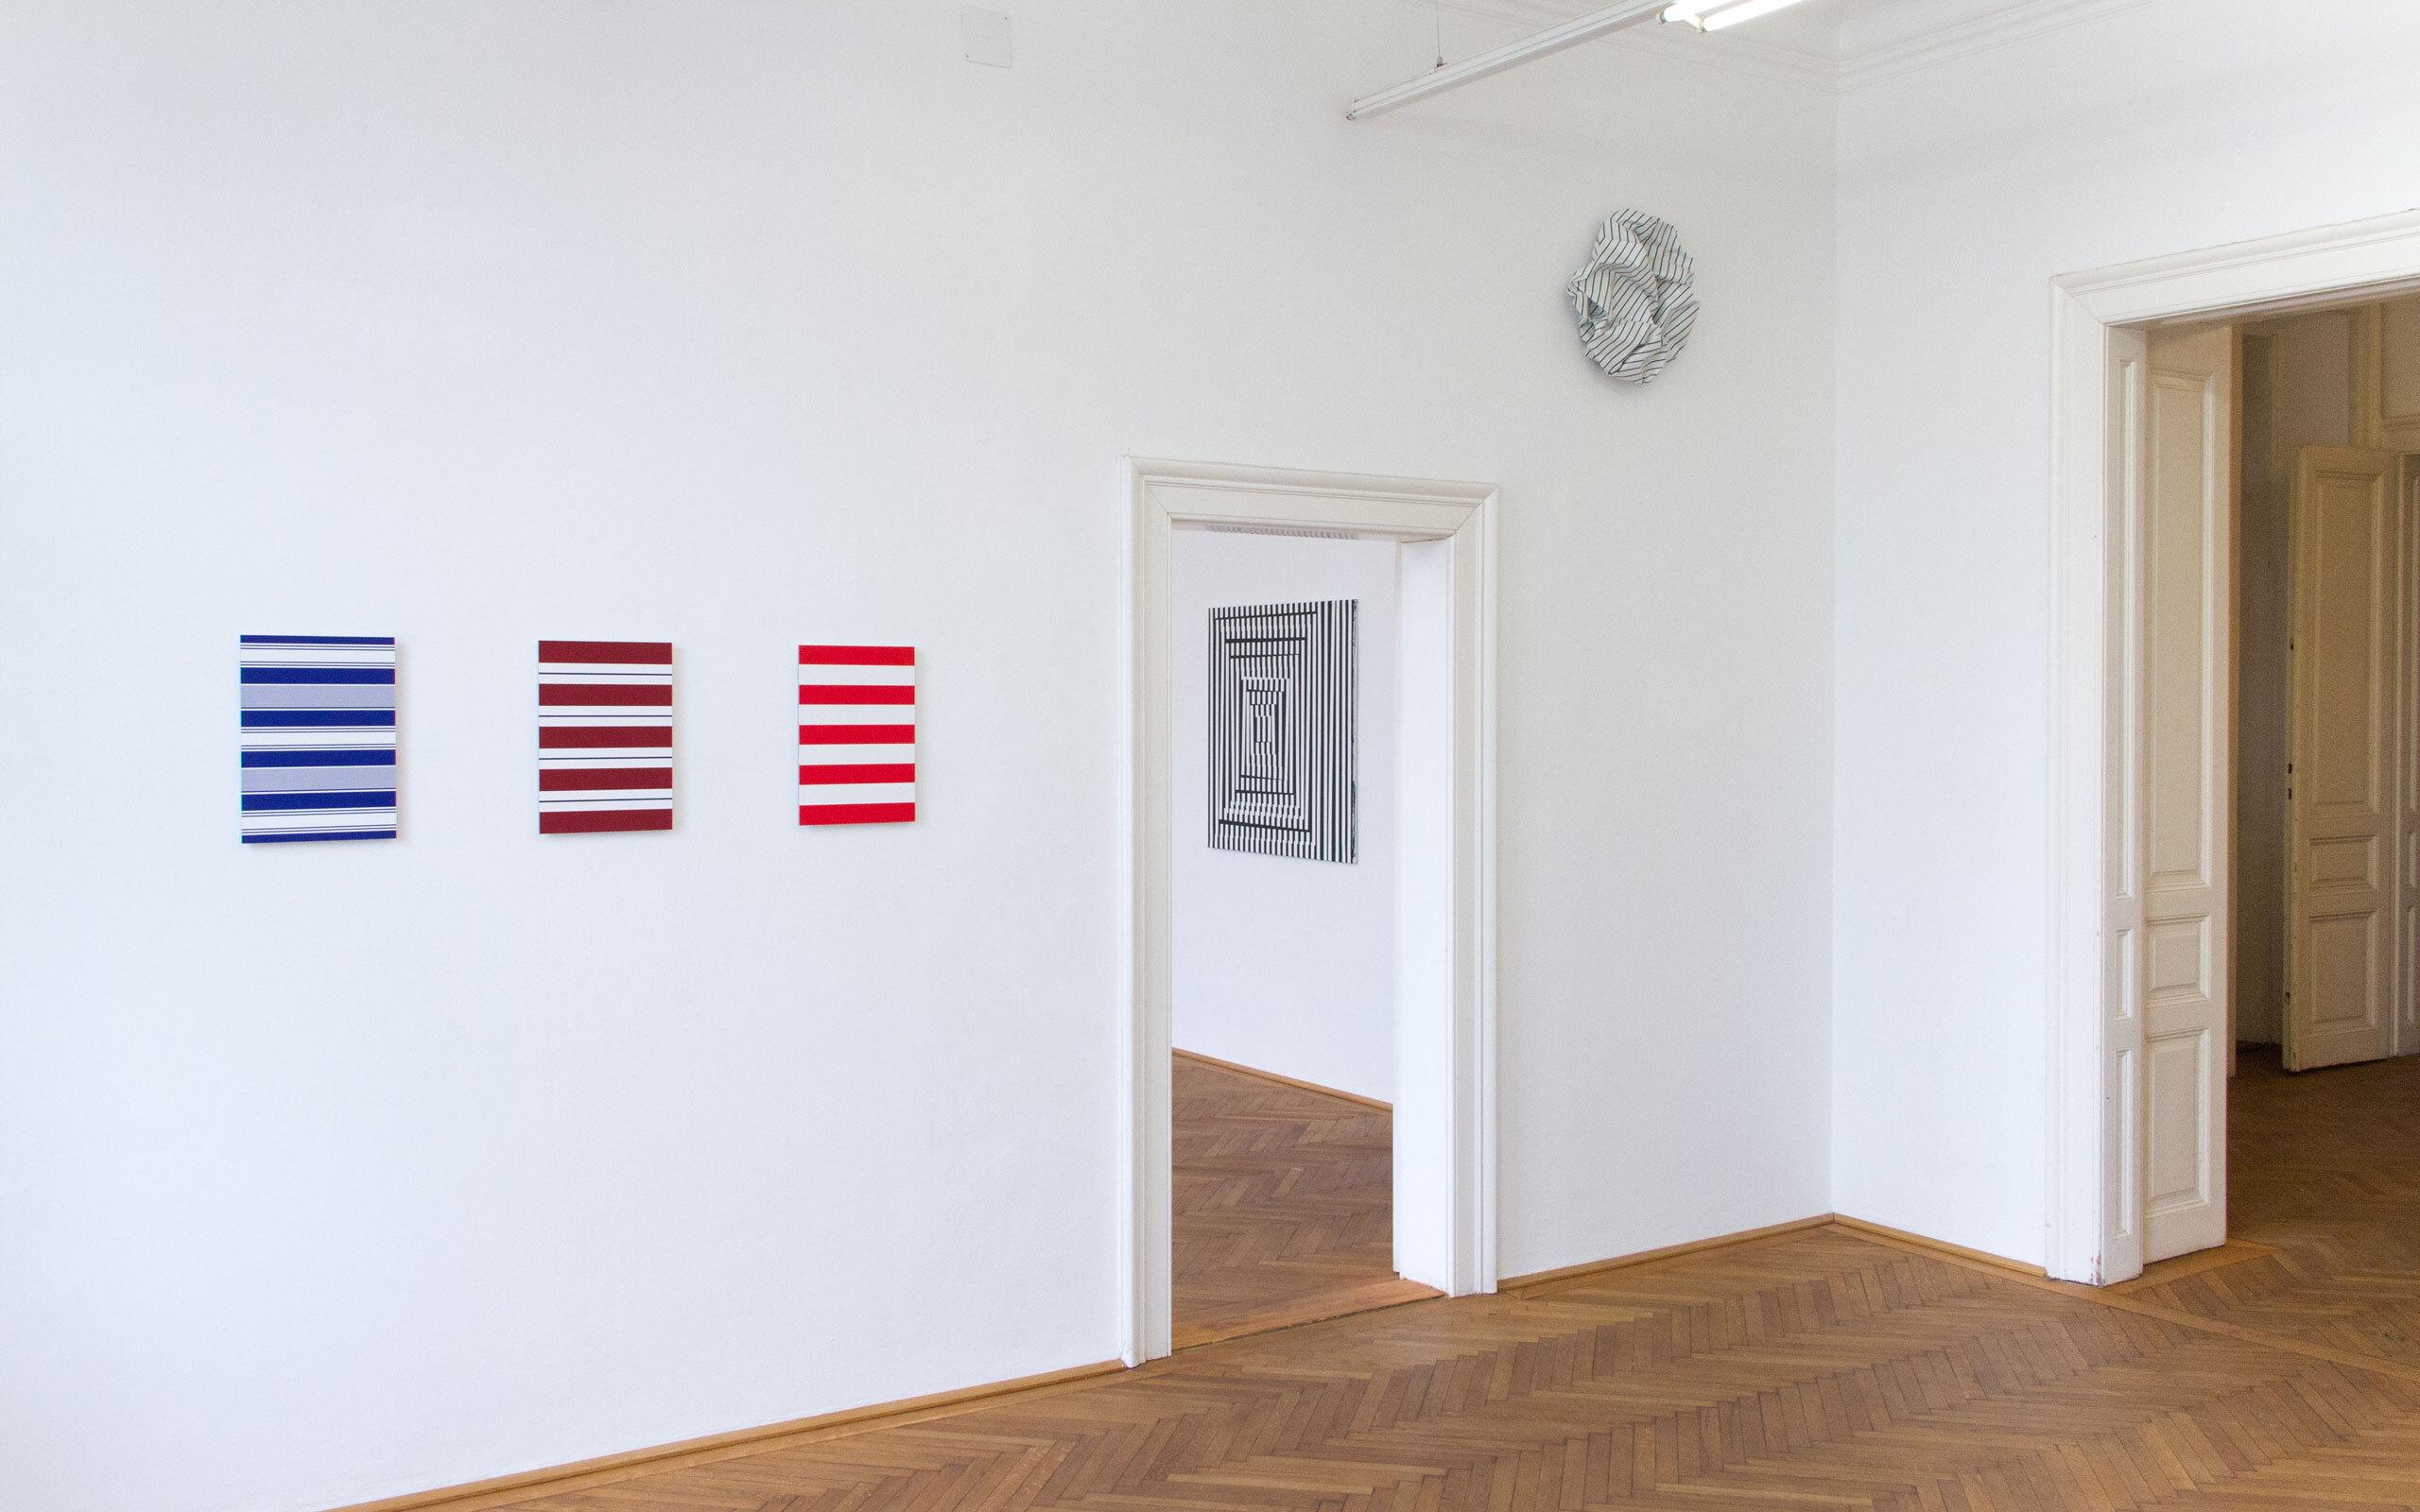 10 e stocker j dahlgren rules of abstraction fjk3